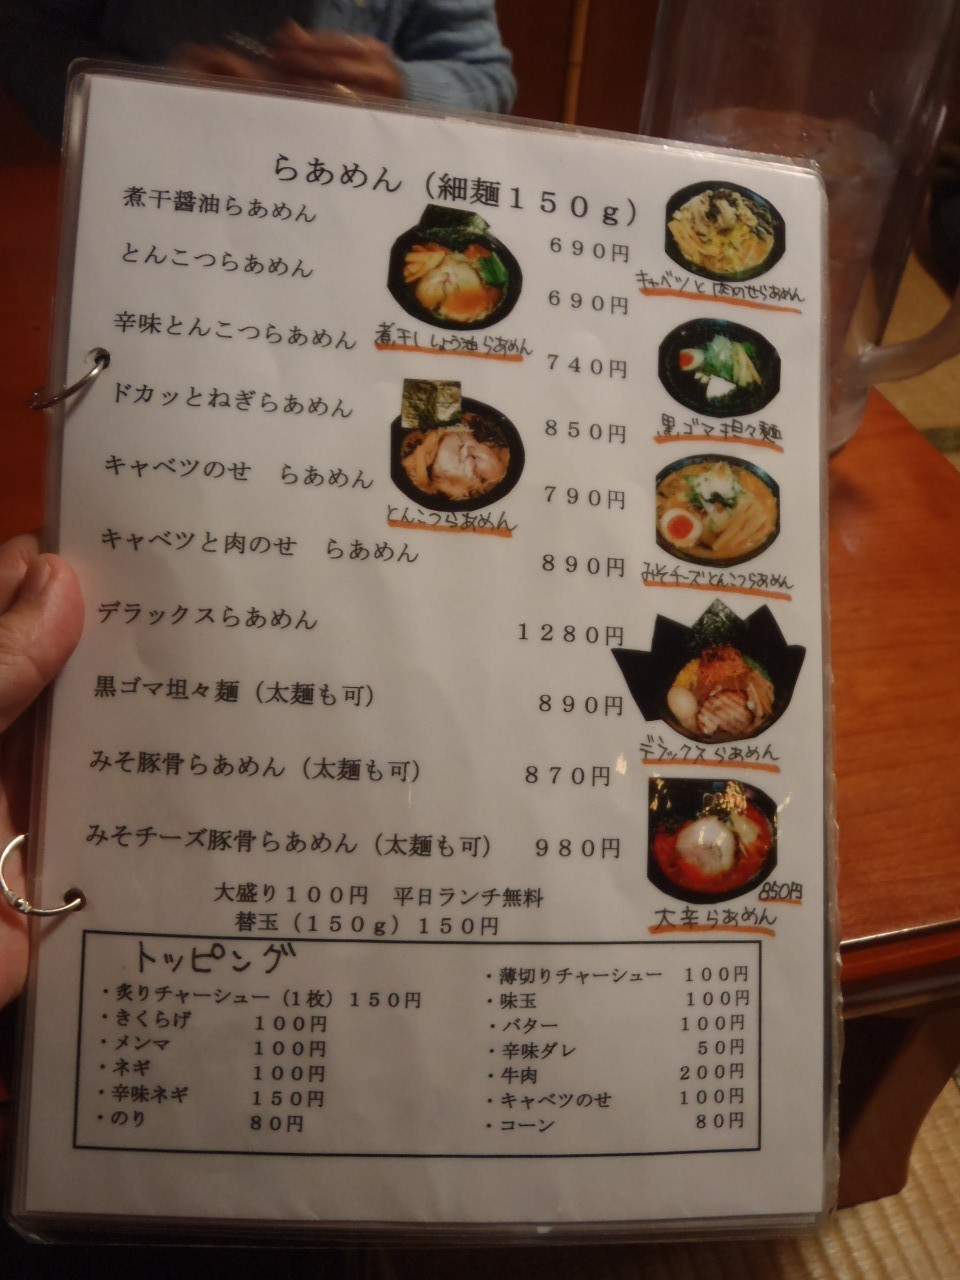 つけ麺酒家 さくら  @十日町市_a0114853_16392275.jpg